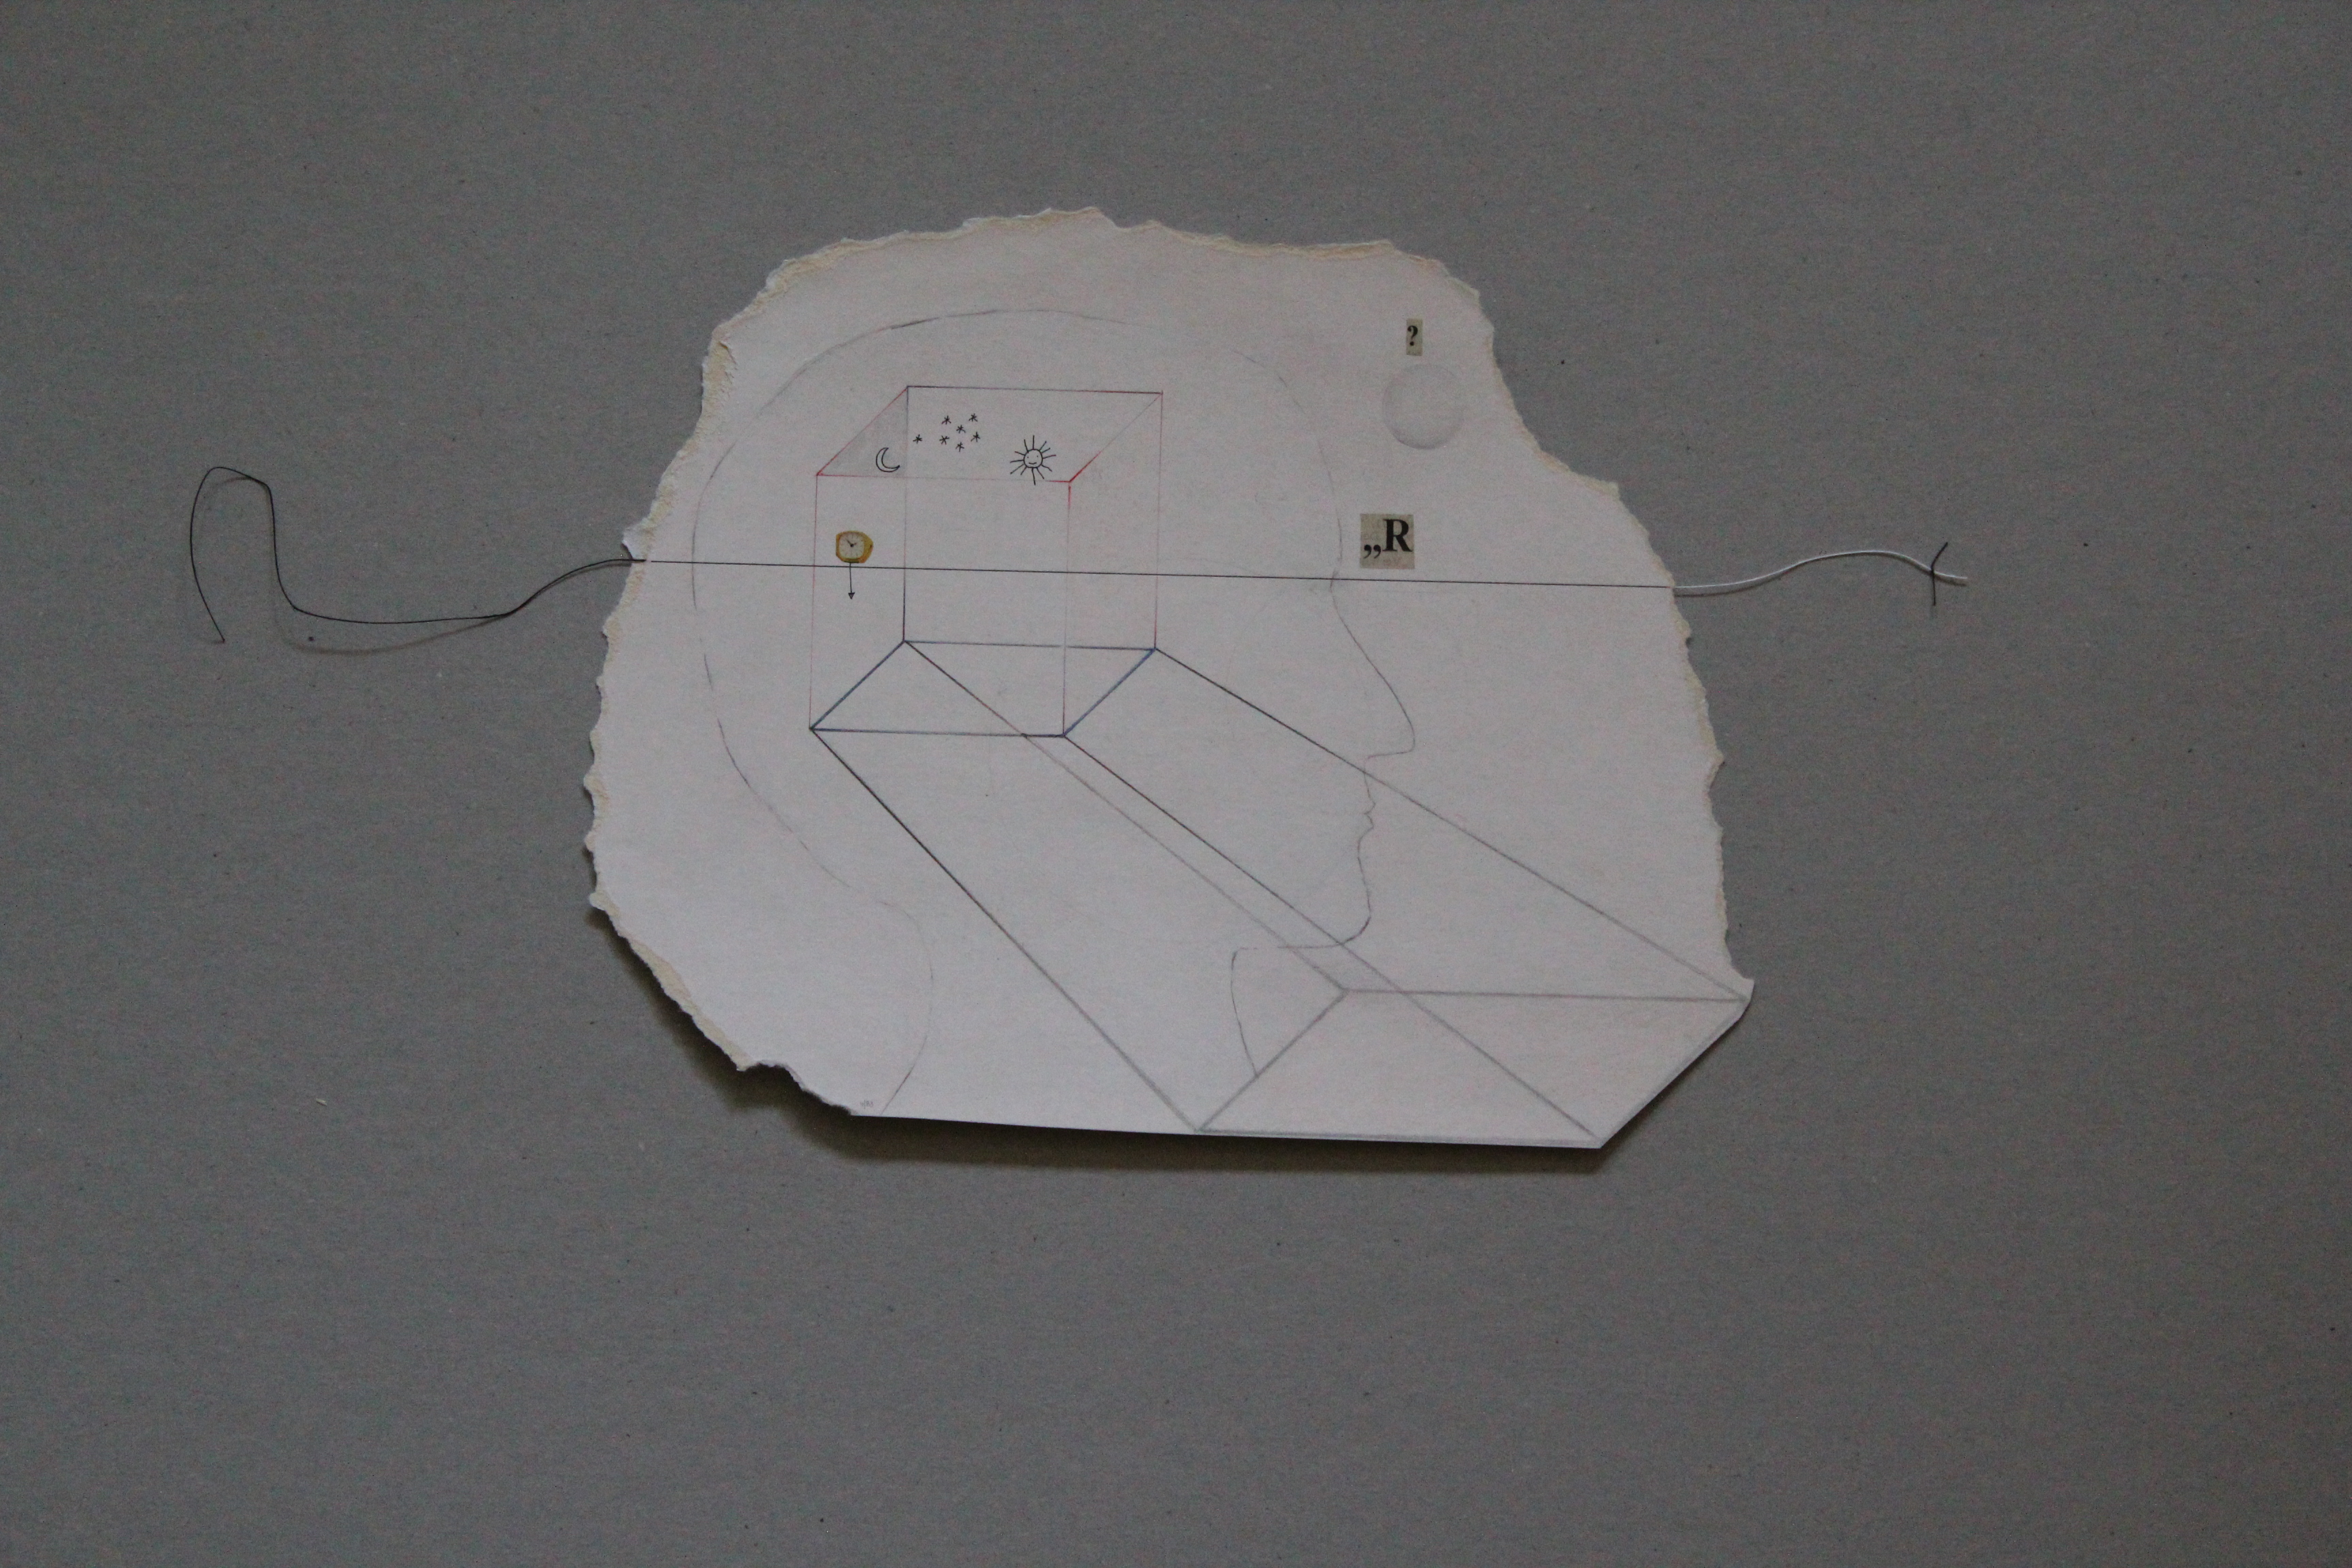 Konstruktion der Realität (Rätsel Kosmos), Zeichnung auf Papier, Faden, 1983, ca. 27 x 22